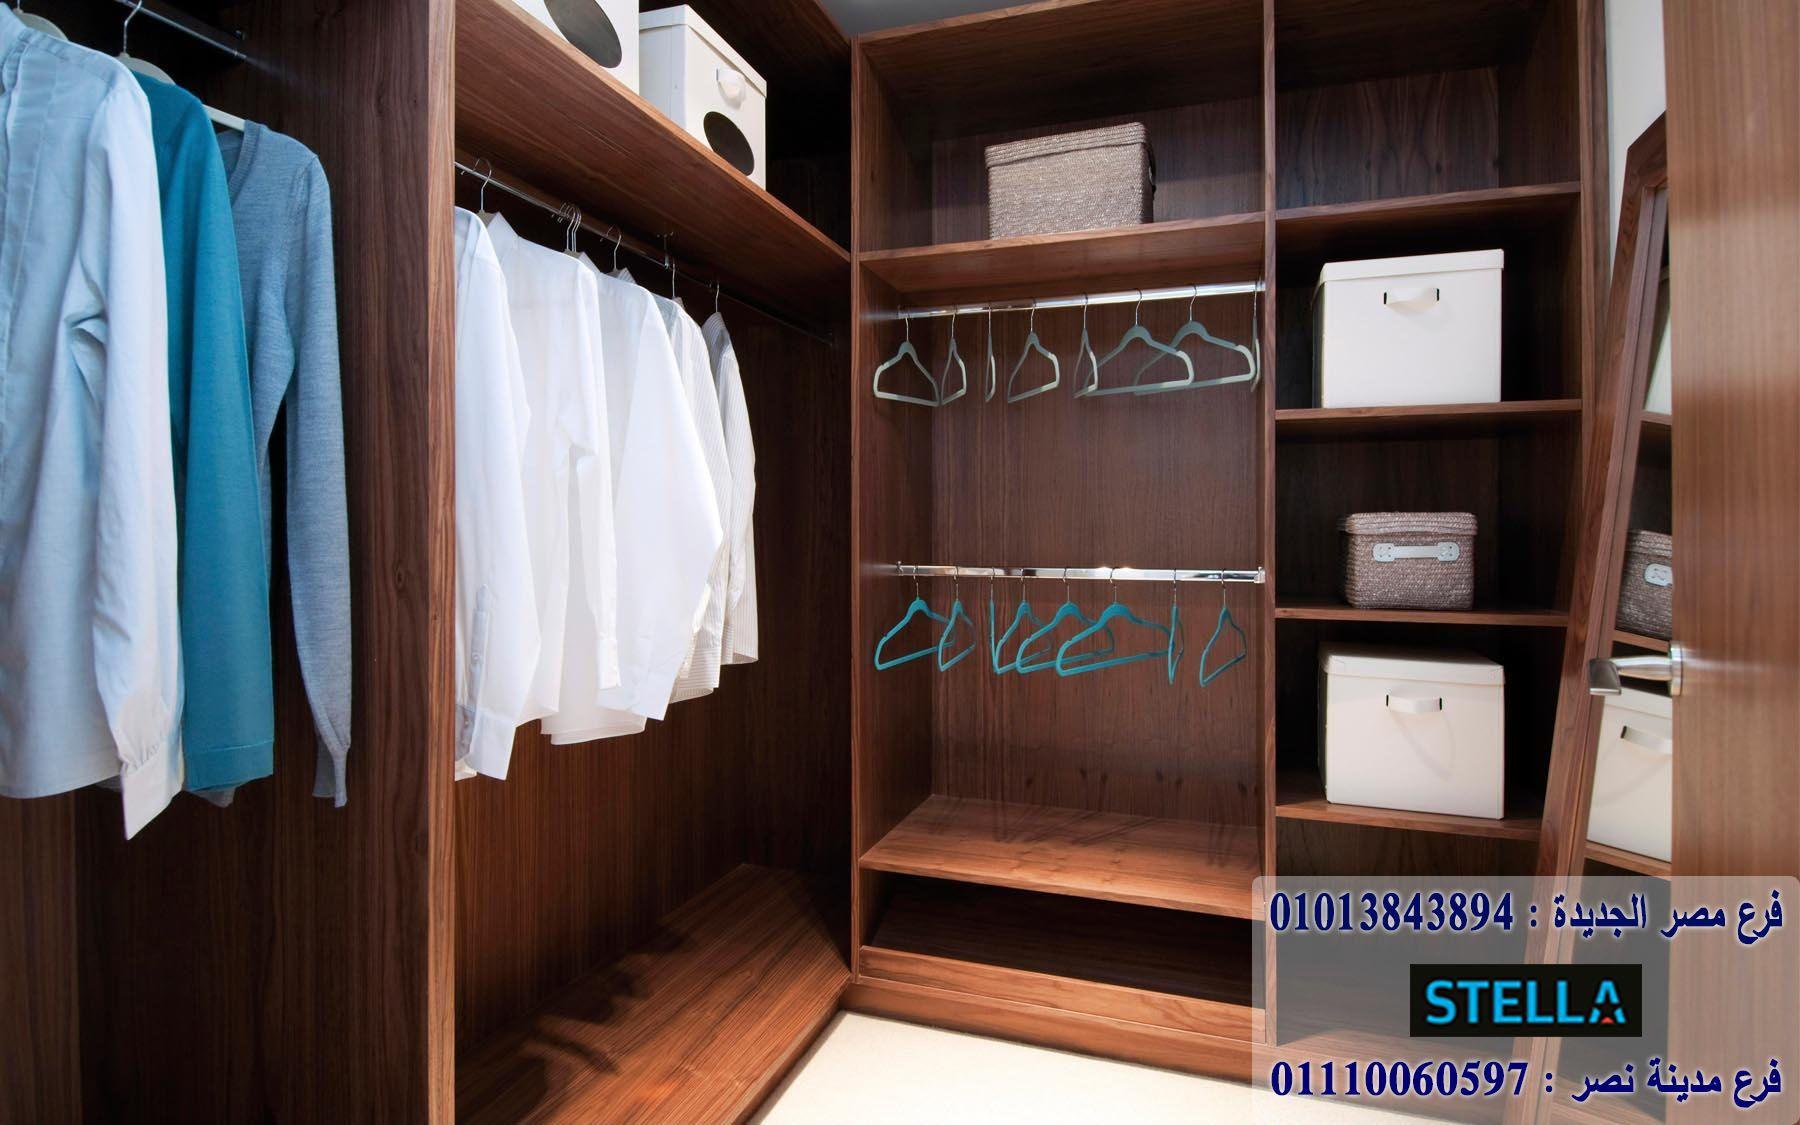 اوض دريسنج شركة ستيلا للاتصال 01207565655 In 2021 Small Dressing Rooms Dressing Room Design Dressing Room